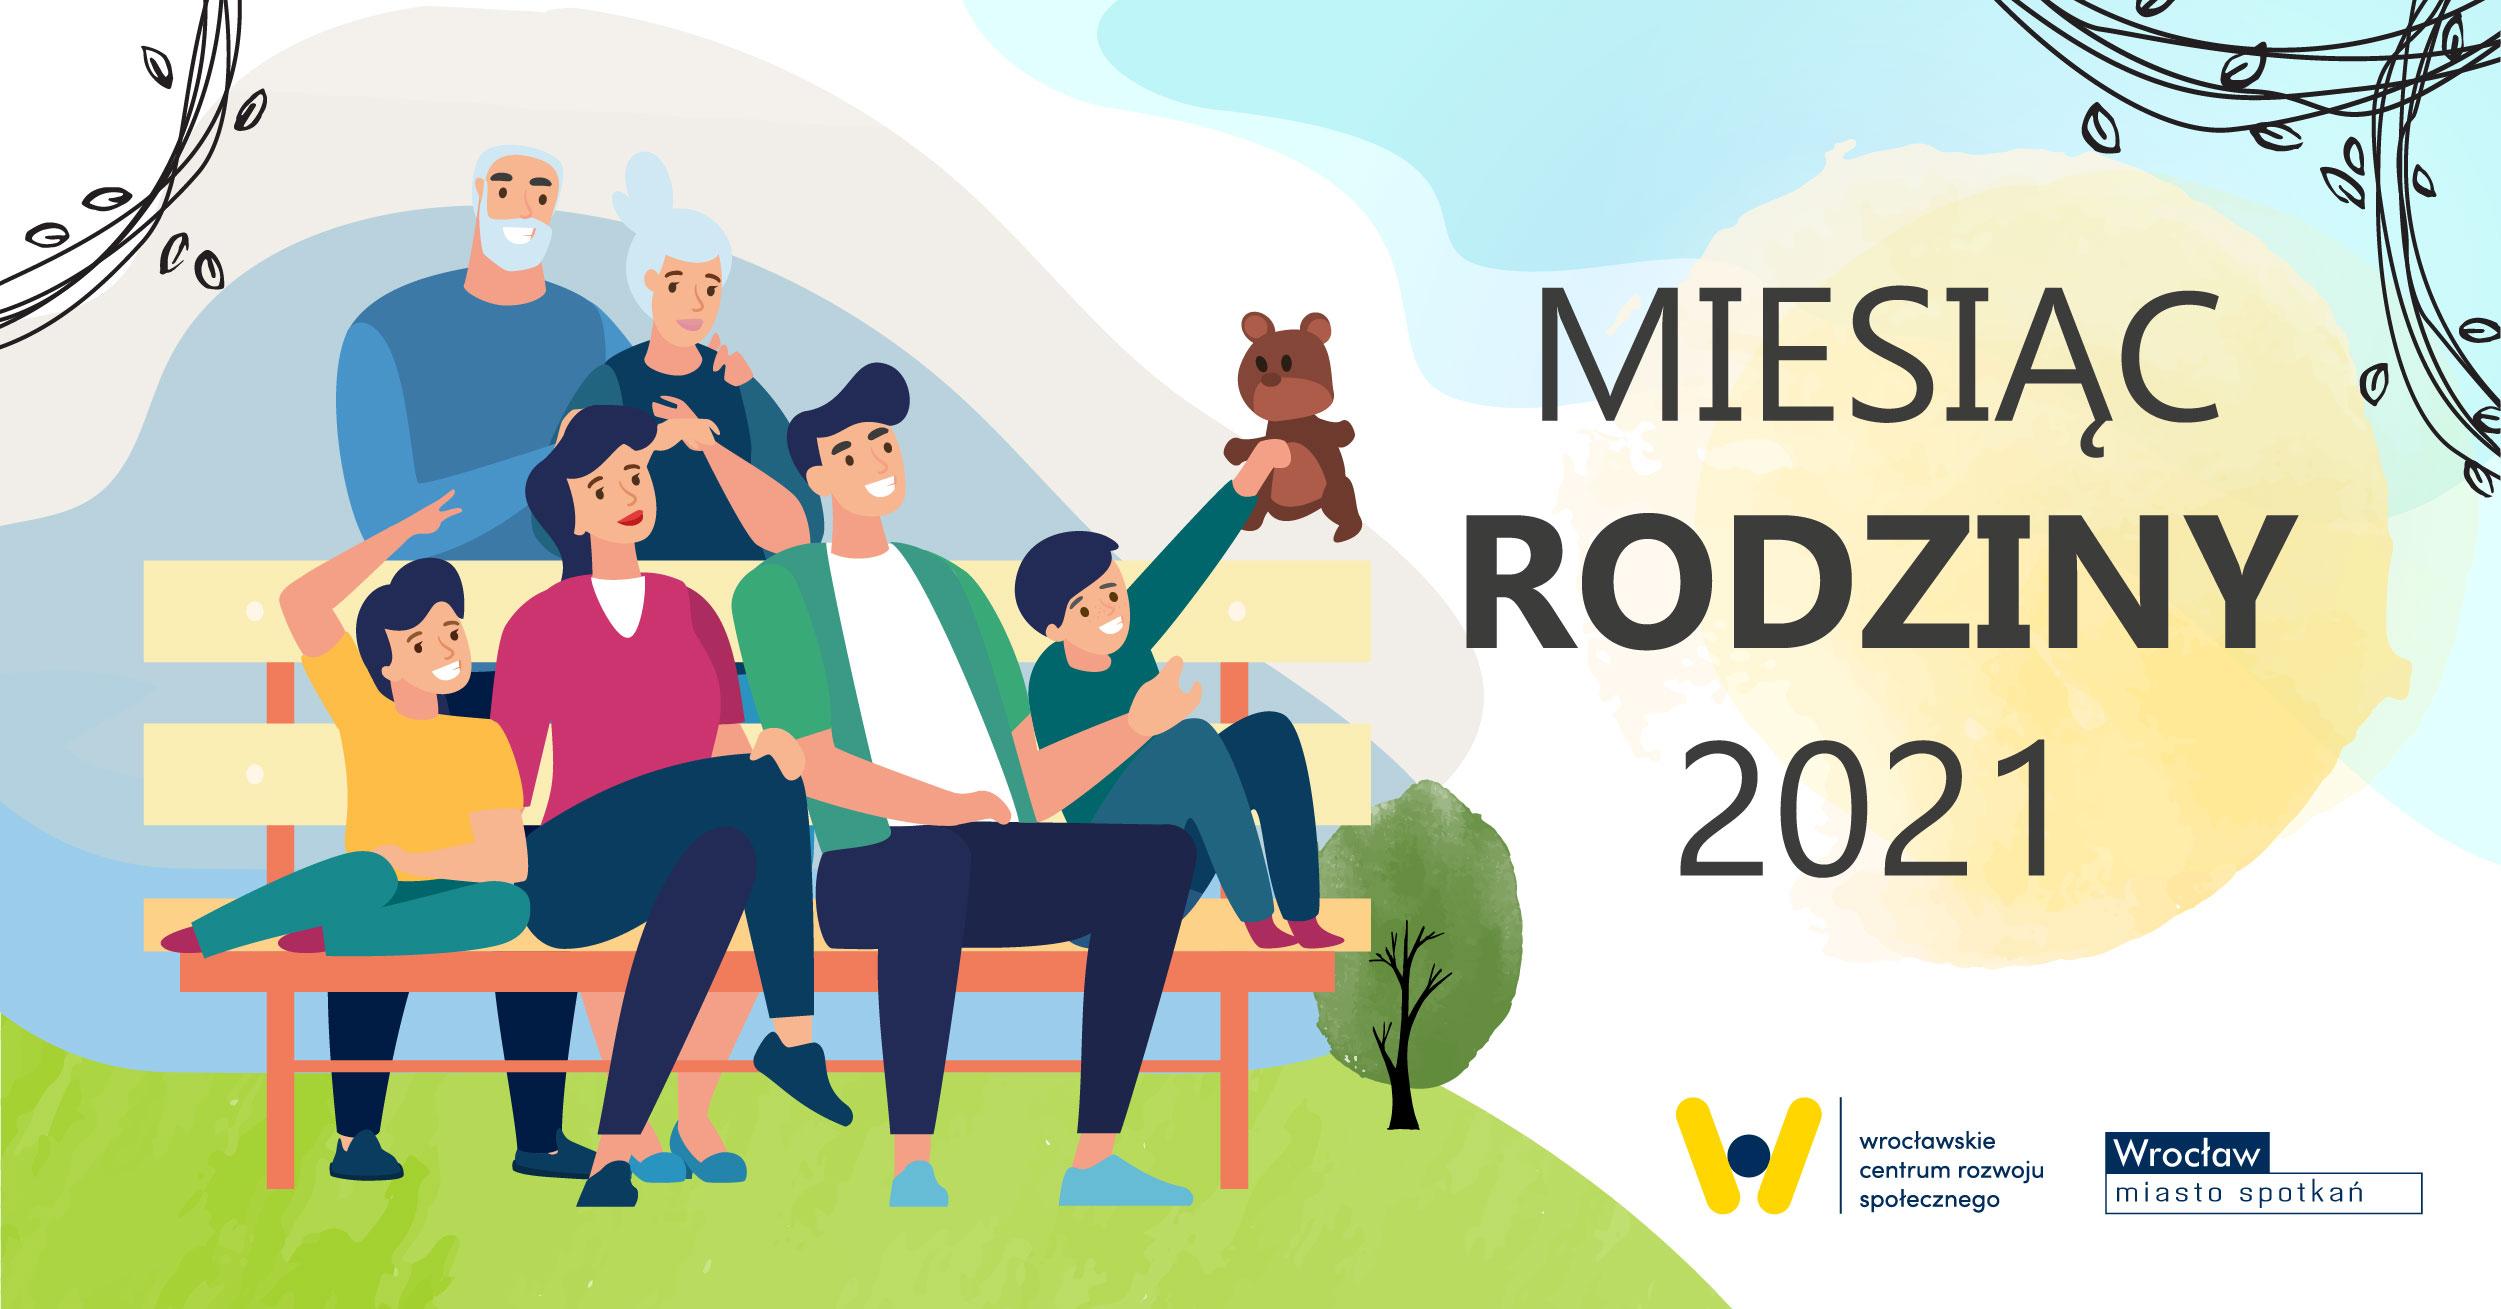 po lewej stronie rysunek rodziny z dwójką dzieci siedzącej na ławce, za nimi dwoje seniorów po prawej stronie napis Miesiąc Rodziny 2021